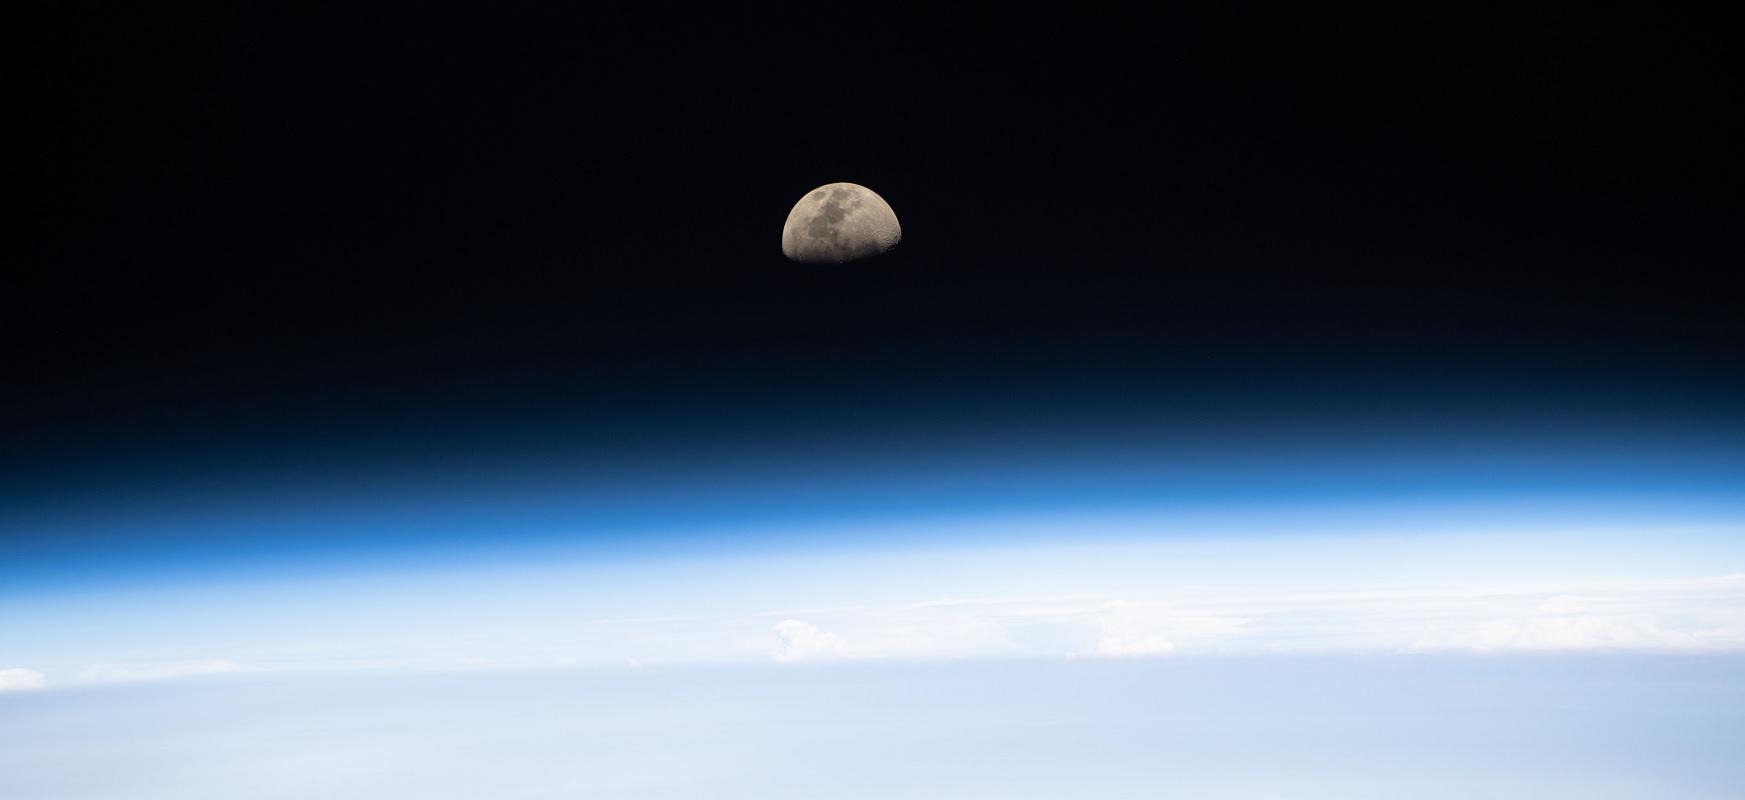 45 egun ilargiaren gainazalean  NASAk misio kudeatutako planak aurkeztu ditu